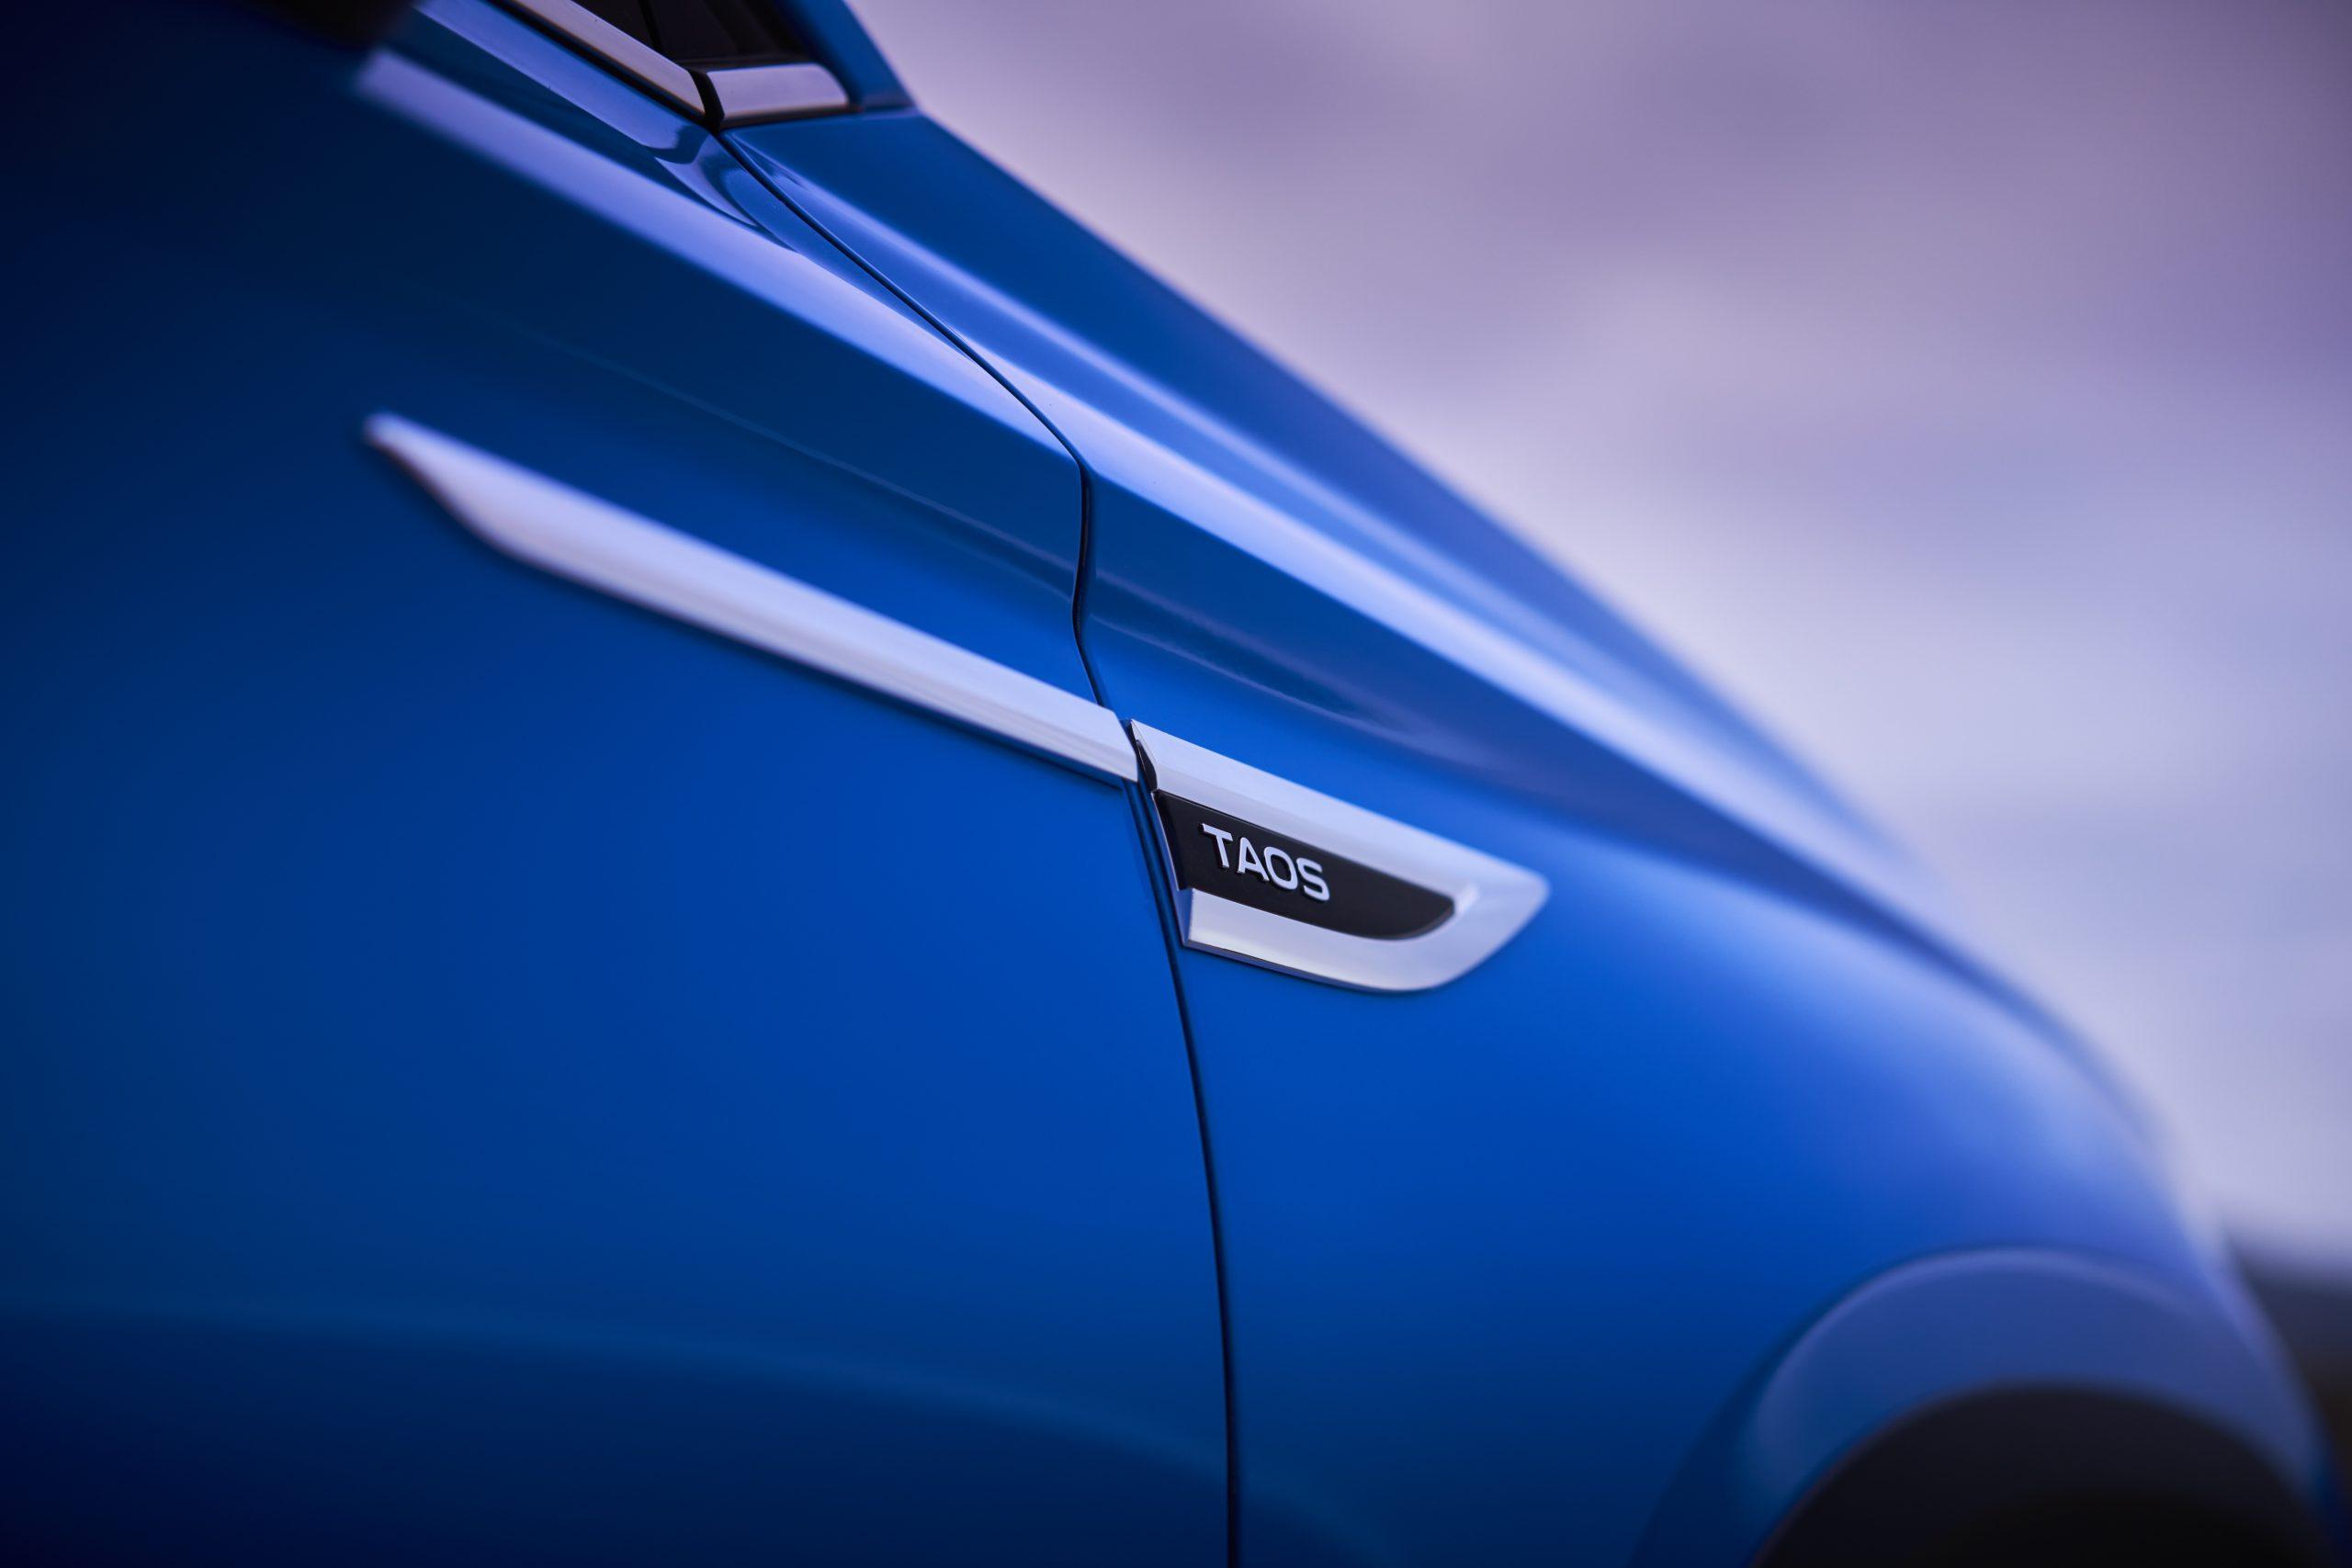 2022 Volkswagen Taos nameplate